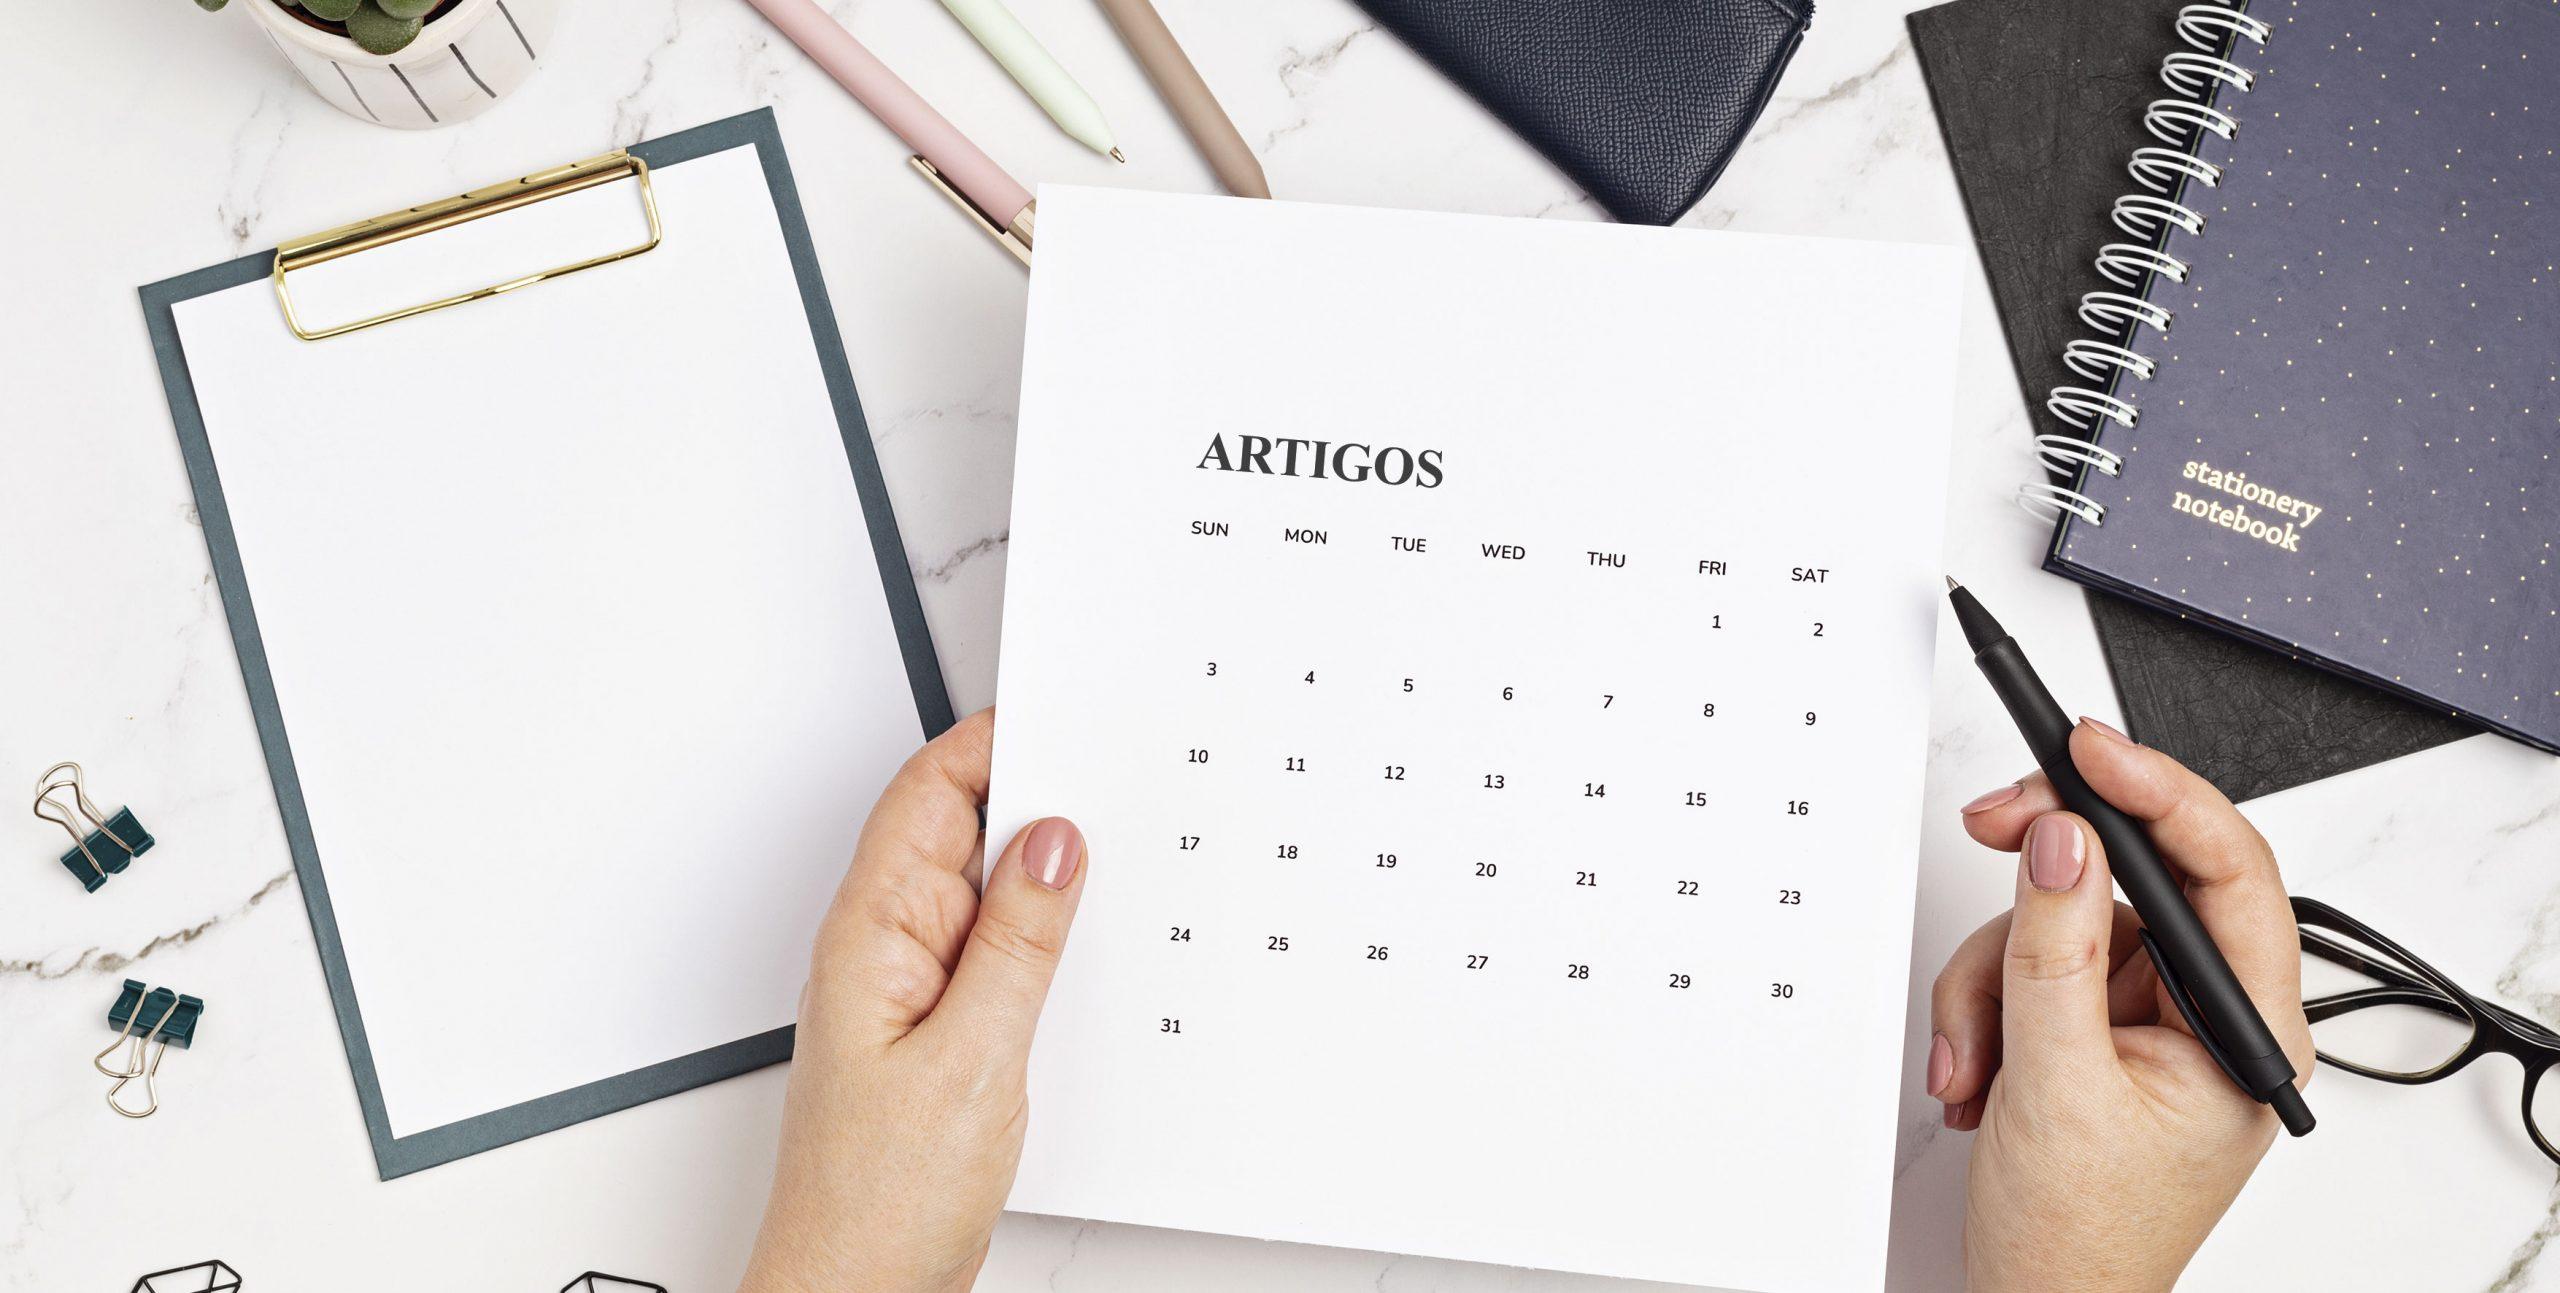 Artigos Março